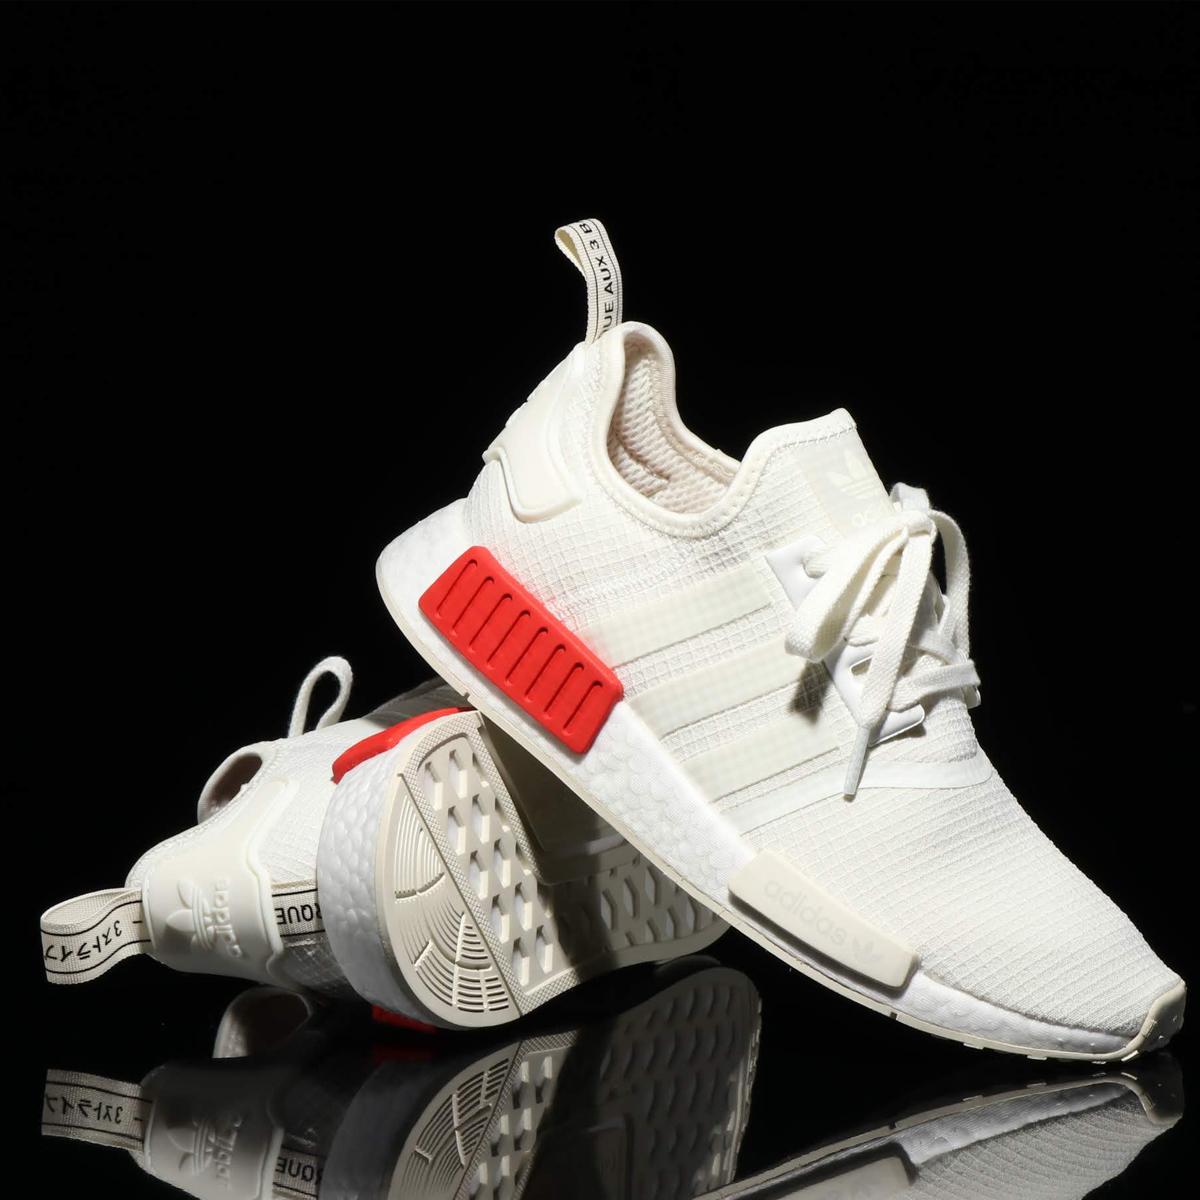 5682ce93f adidas Originals NMD R1 (アディダス オリジナルス エヌエムディR1) OFF WHITE OFF WHITE RUSH RED   メンズ レディース スニーカー  18FW-I